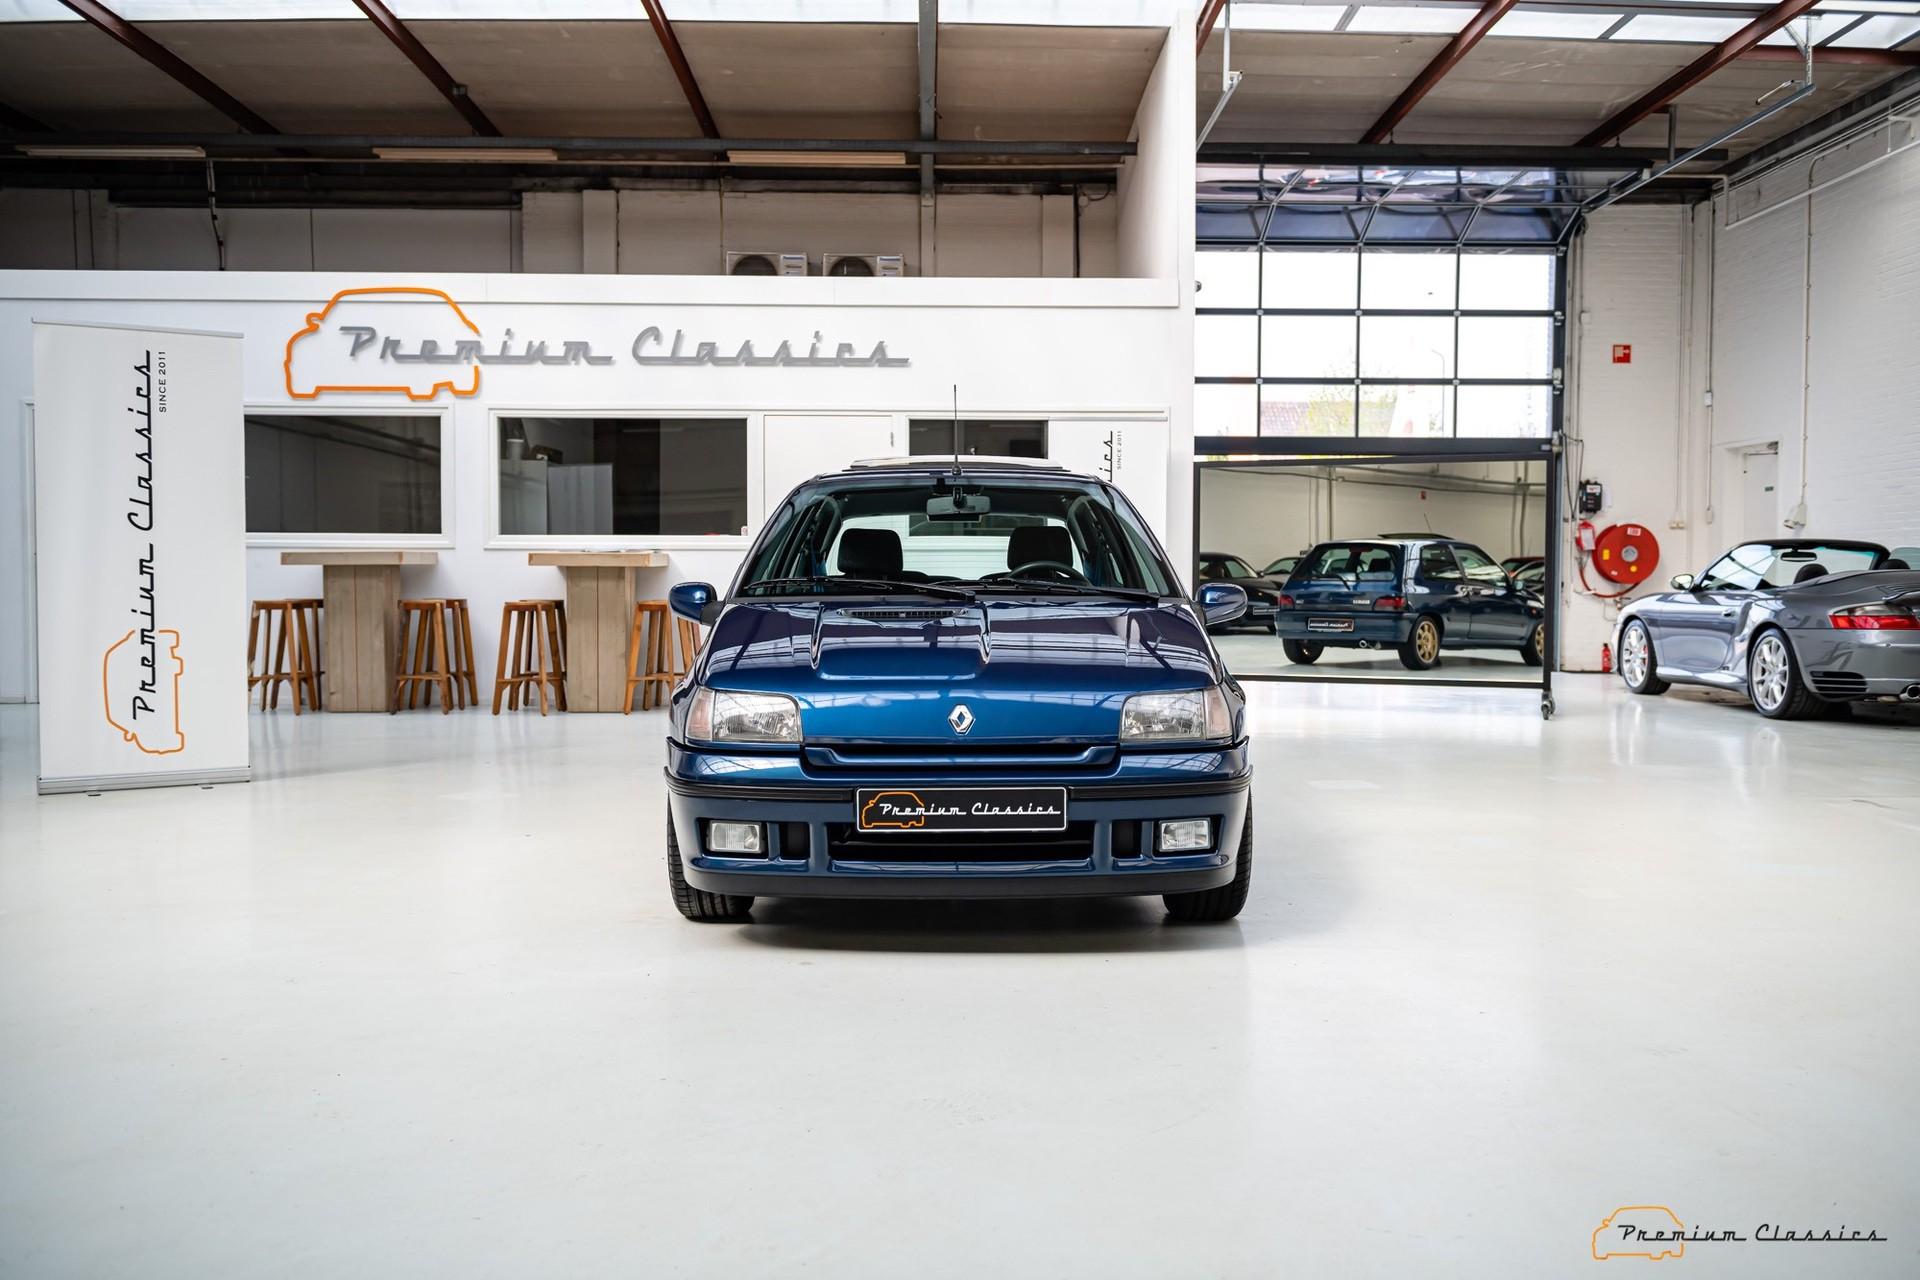 Renault_Clio_Williams_sale-0001